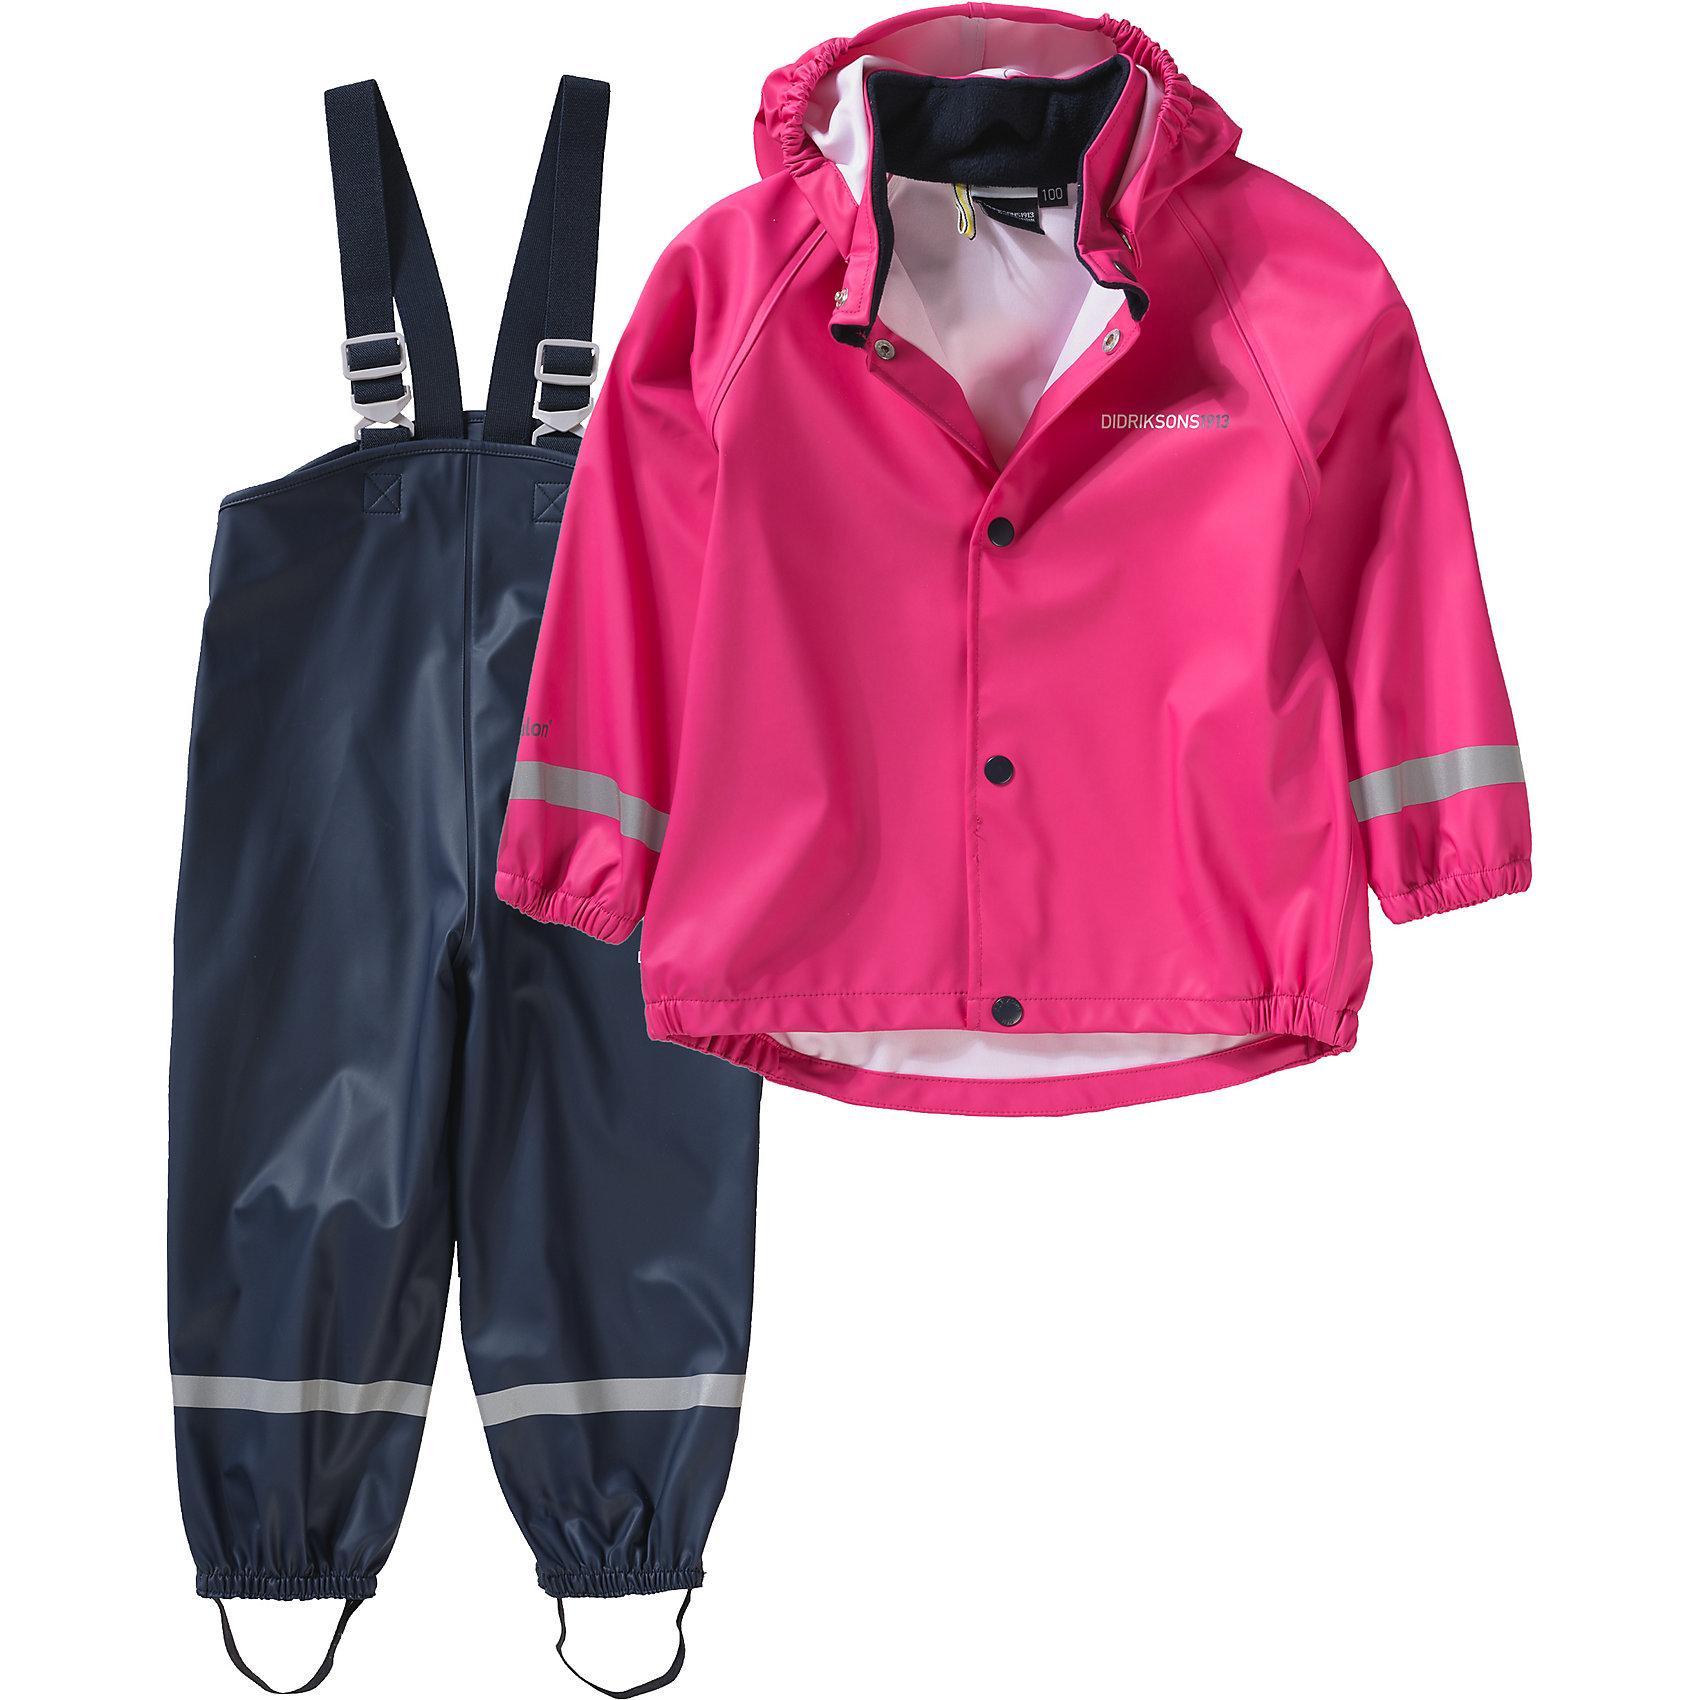 Комплект SLASKEMAN DIDRIKSONS для девочкиВерхняя одежда<br>Характеристики товара:<br><br>• цвет: фуксия<br>• комплектация: куртка, полукомбинезон<br>• состав ткани: 100% полиуретан<br>• подкладка: 100% полиэстер (трикотаж)<br>• утеплитель: нет<br>• сезон: демисезон<br>• температурный режим: от +5 до +15<br>• влагонепроницаемость: 8000 мм <br>• все швы пропаяны<br>• непродуваемый<br>• капюшон: без меха, съемный<br>• штрипки<br>• застежка: кнопки<br>• манжеты на резинке<br>• фиксированные подтяжки<br>• страна бренда: Швеция<br>• страна изготовитель: Китай<br><br>Яркий комплект для ребенка отличается продуманным дизайном. Непромокаемый и непродуваемый верх детского комплекта усилен пропаянными швами. Стильный комплект для дождливой погоды дополнен штрипками. Плотный верх детской куртки и полукомбинезона не промокает и не продувается, его легко чистить. <br><br>Комплект для девочки Slaskeman Didriksons (Дидриксонс) можно купить в нашем интернет-магазине.<br><br>Ширина мм: 356<br>Глубина мм: 10<br>Высота мм: 245<br>Вес г: 519<br>Цвет: розовый<br>Возраст от месяцев: 108<br>Возраст до месяцев: 120<br>Пол: Женский<br>Возраст: Детский<br>Размер: 140,80,90,100,110,120,130<br>SKU: 7044751